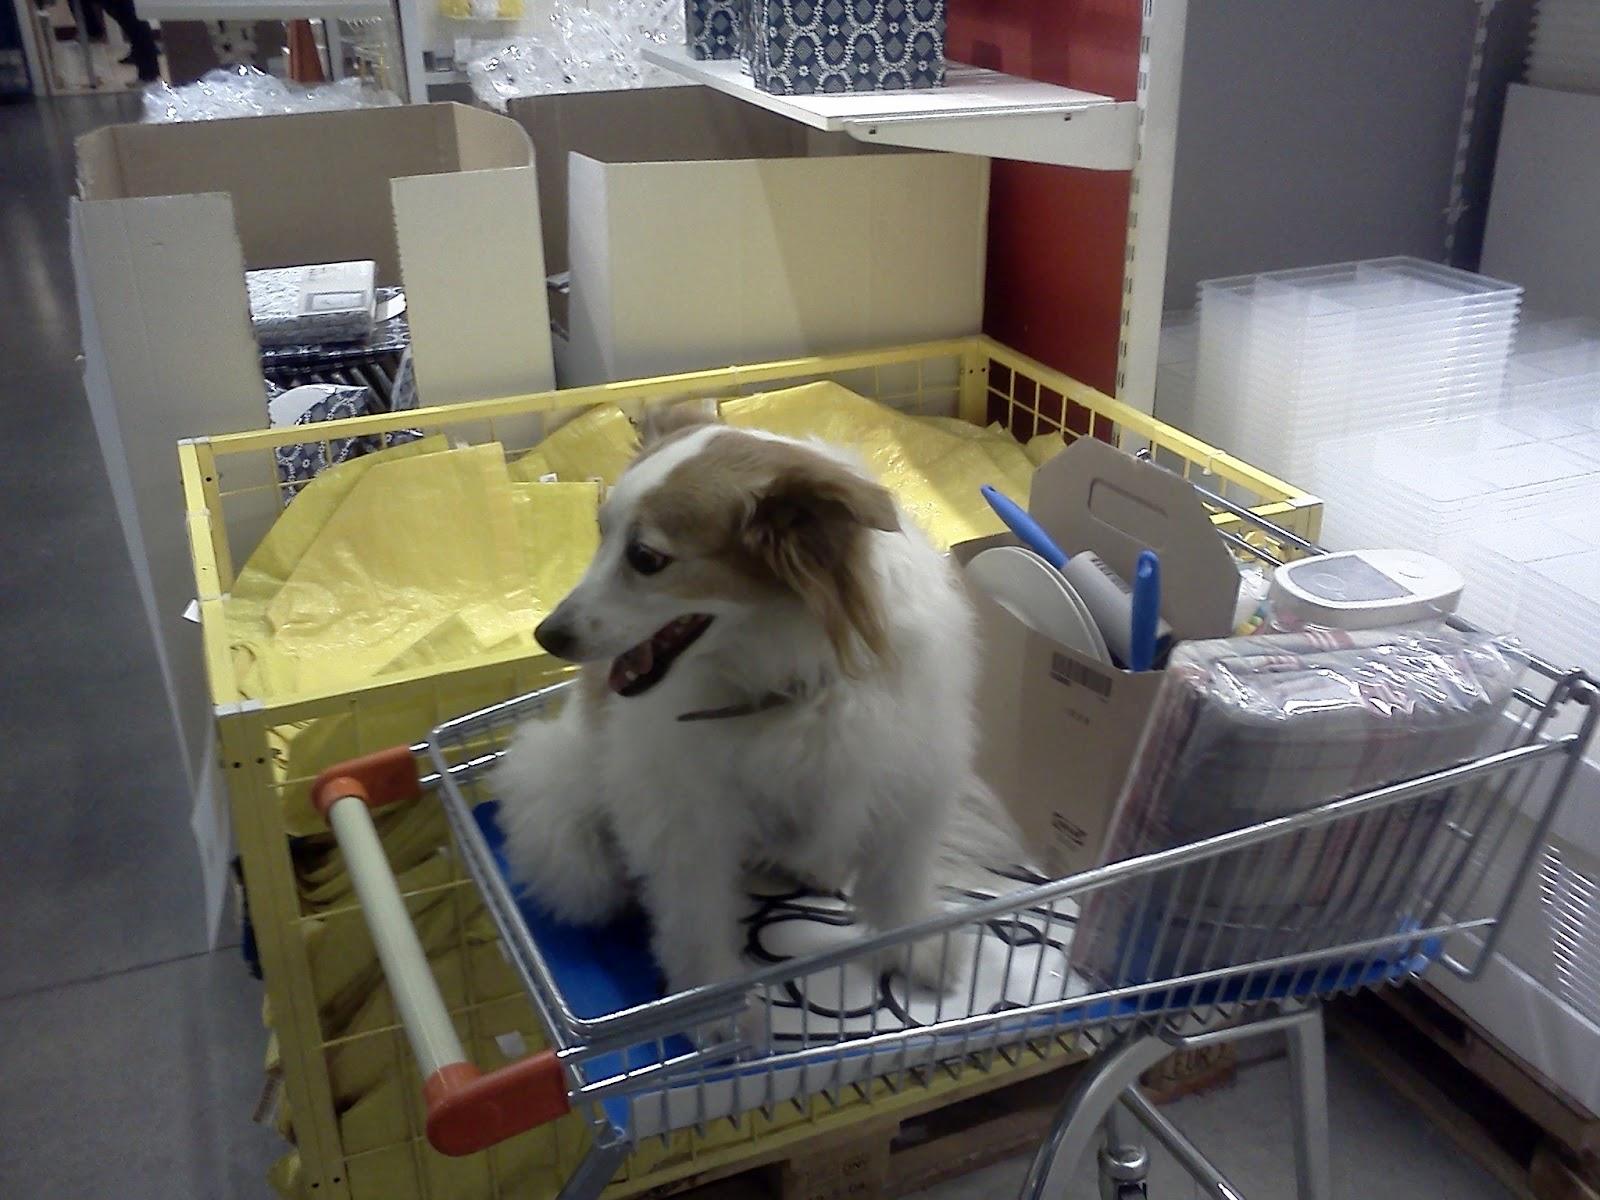 Mesfet blog ikea di padova i cani sono benvenuti - Ikea padova tappeti ...